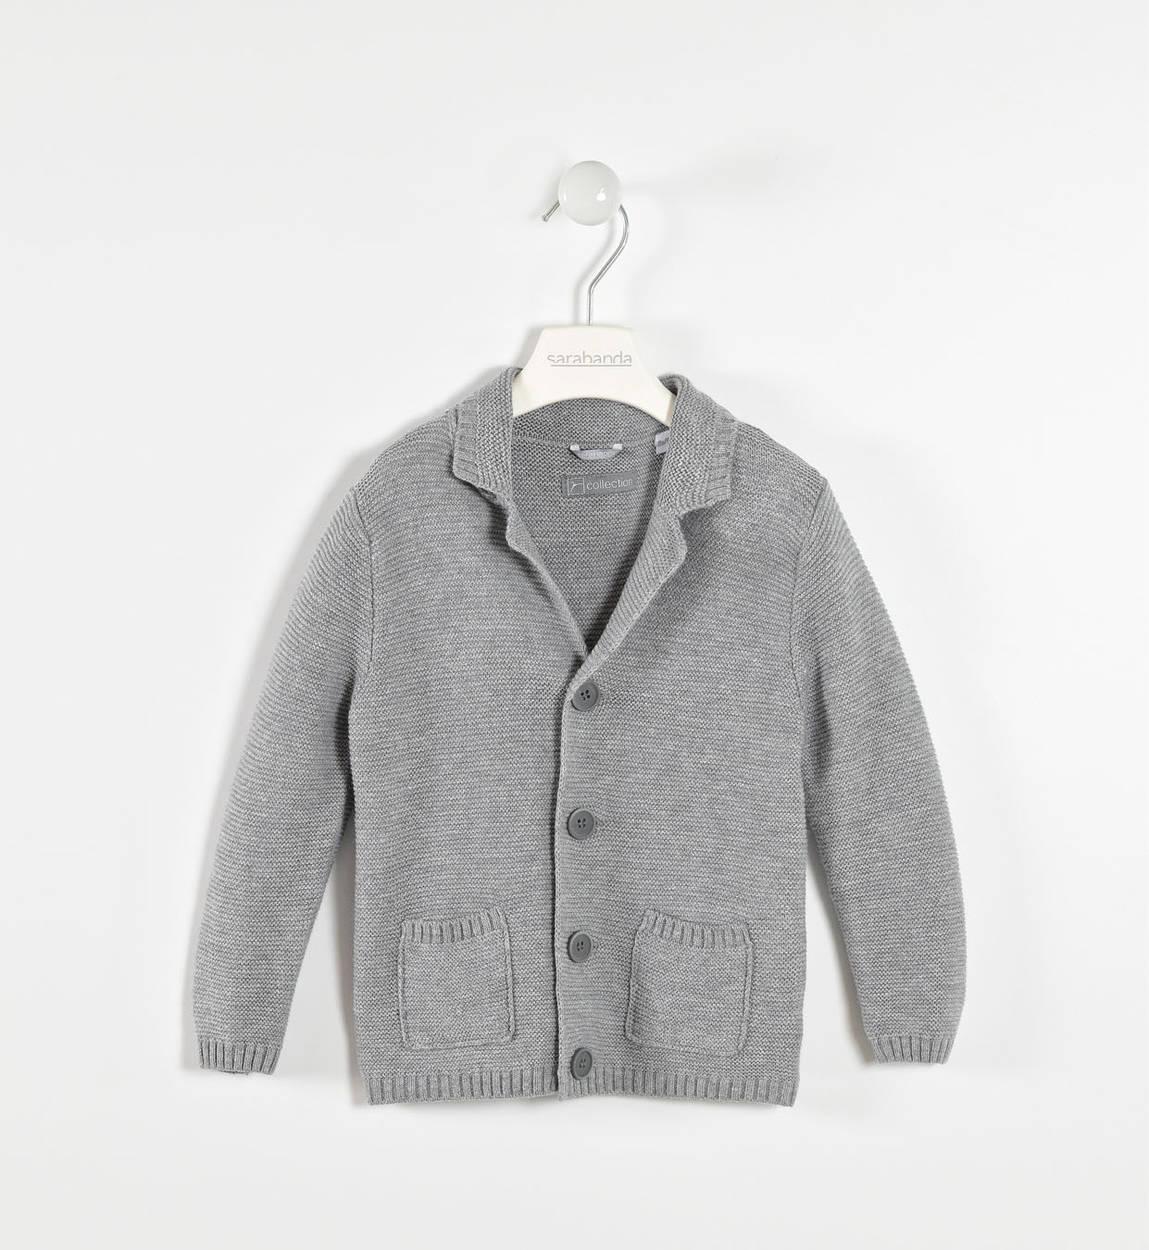 Elegante giacca in maglia per bambino da 6 mesi a 7 anni Sarabanda GRIGIO  MELANGE- 2fd31e50aff4